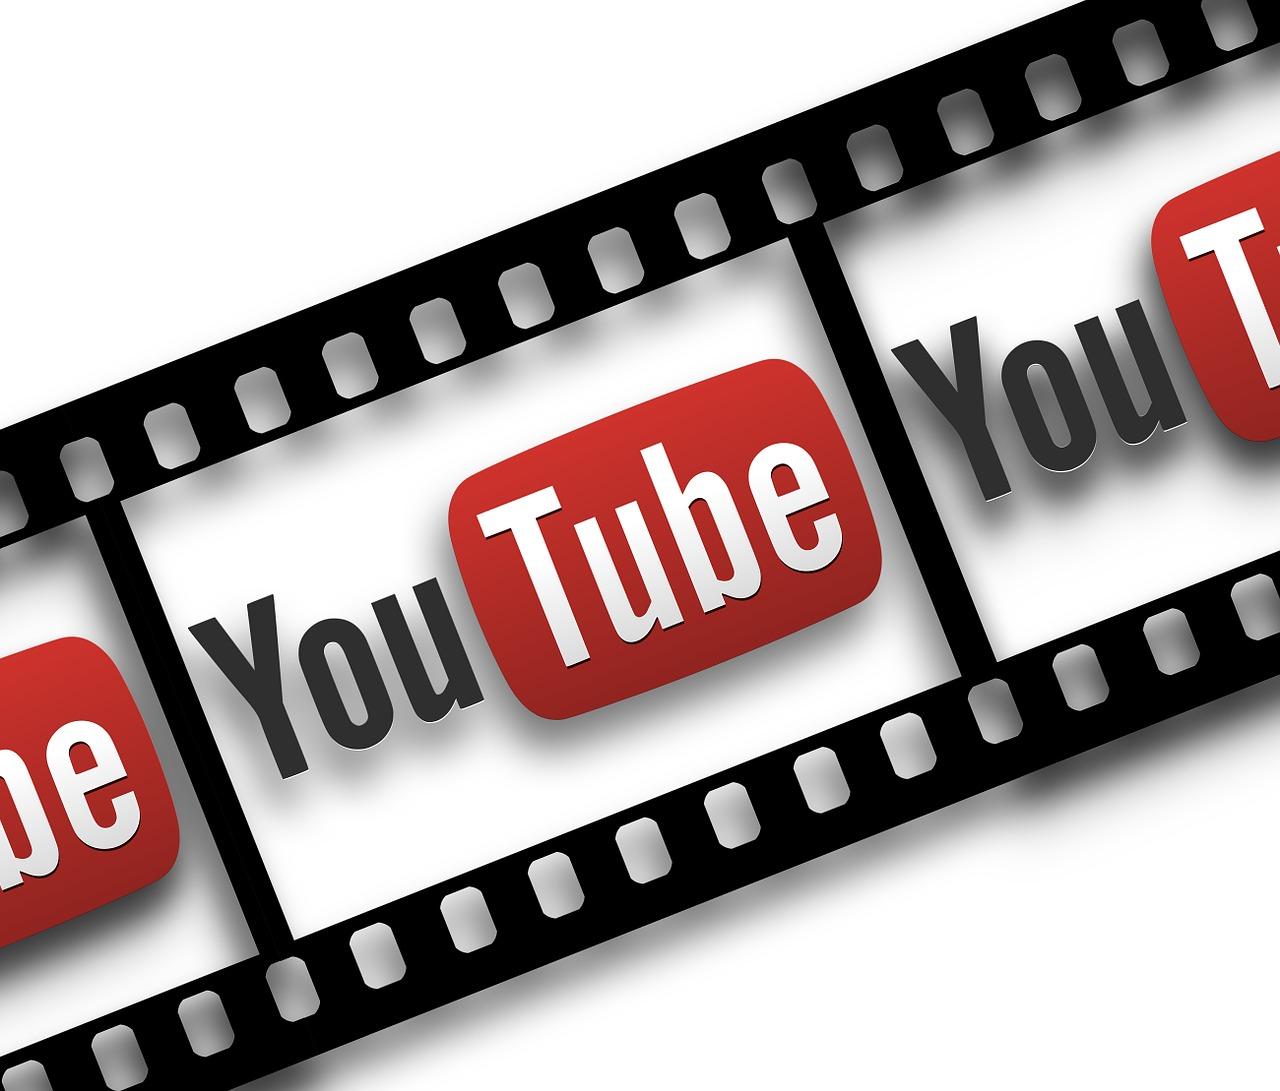 Je lepší použít online video downloader, nebo stáhnout program?